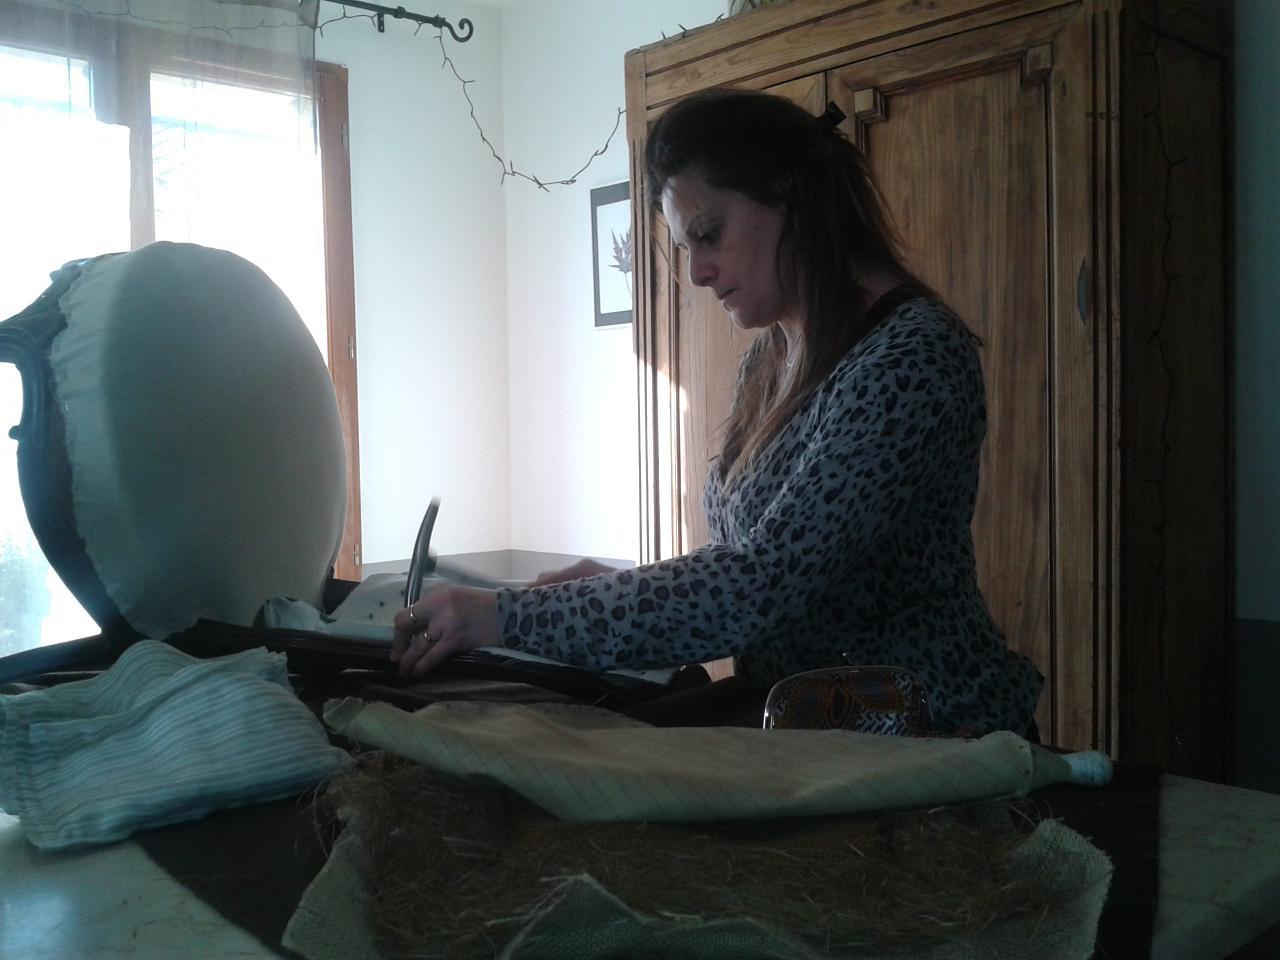 meubles-fevrier2012-054.jpg